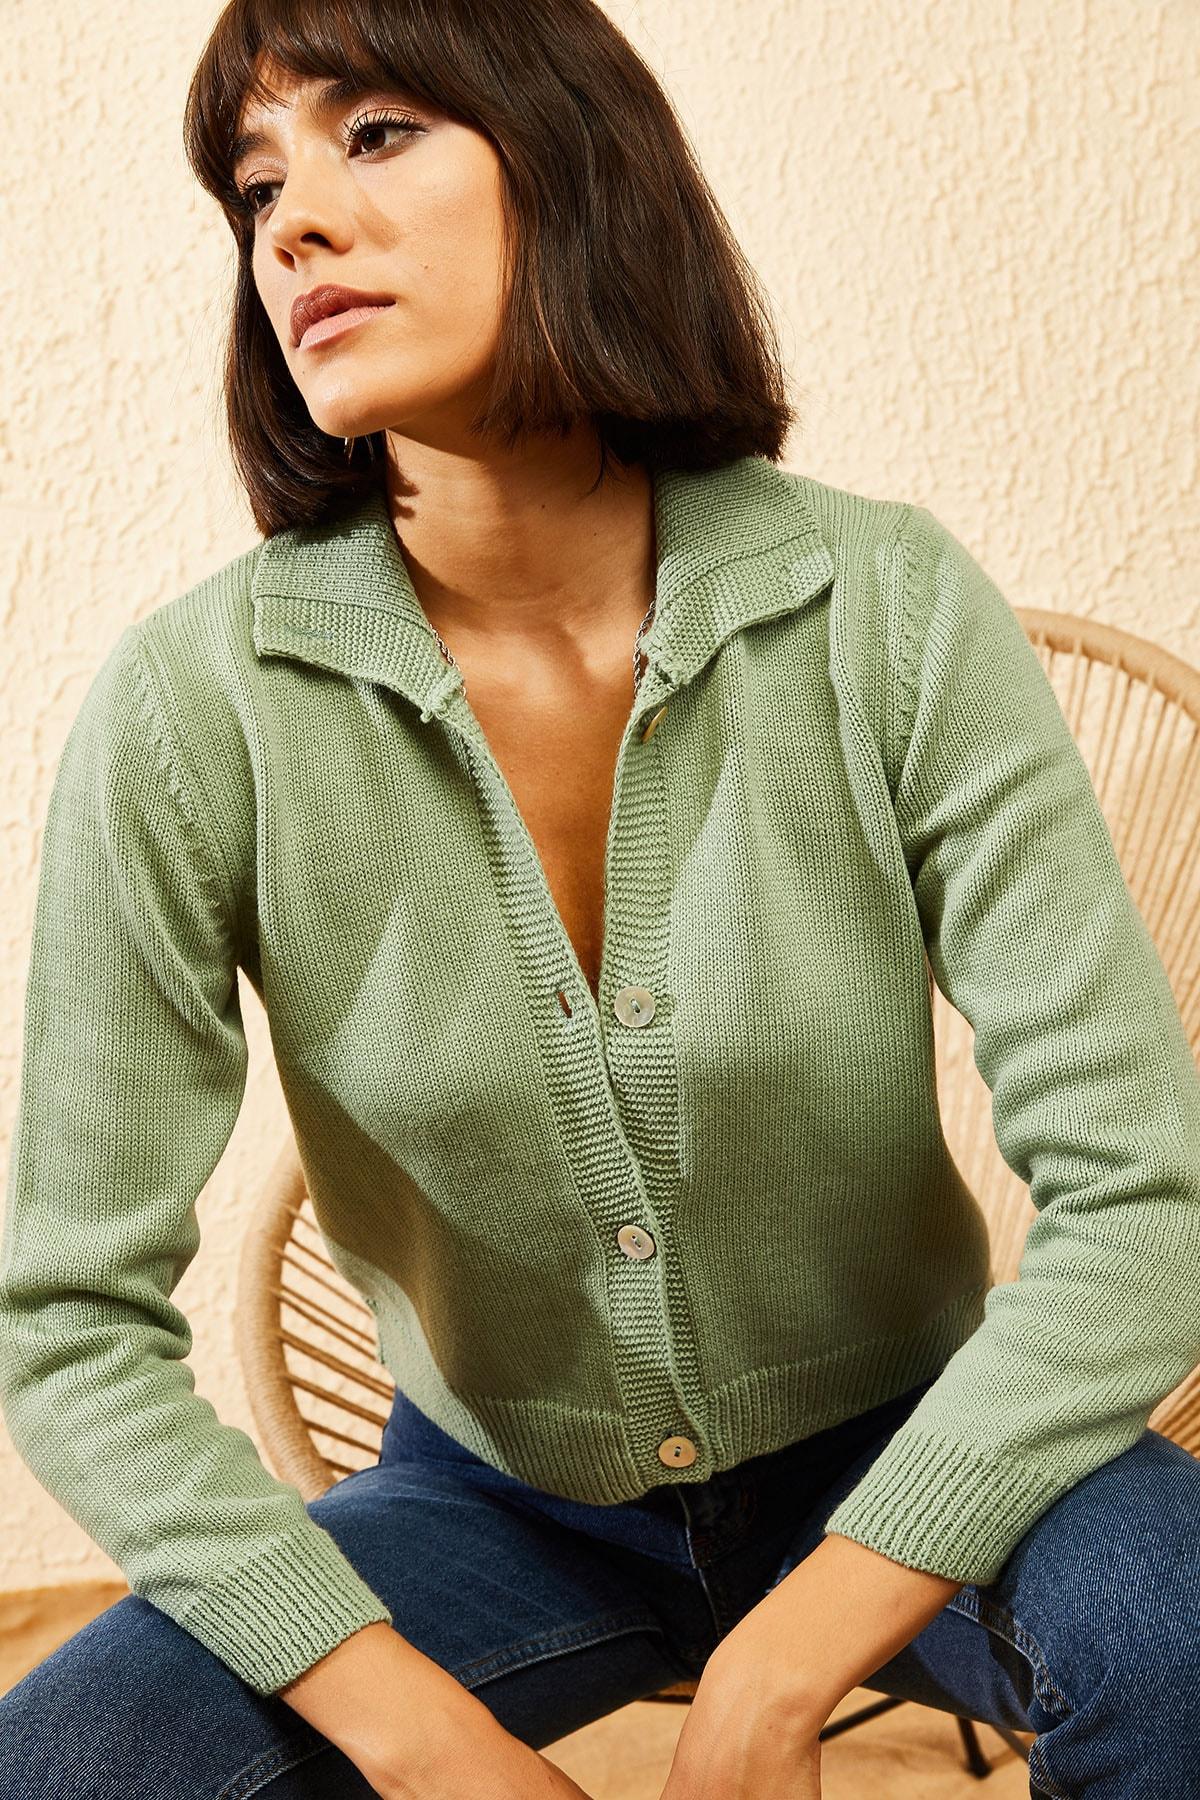 Bianco Lucci Kadın Çağla Yeşili Balıkçı Yaka Düğmeli Fitilli Hırka 10121003 0